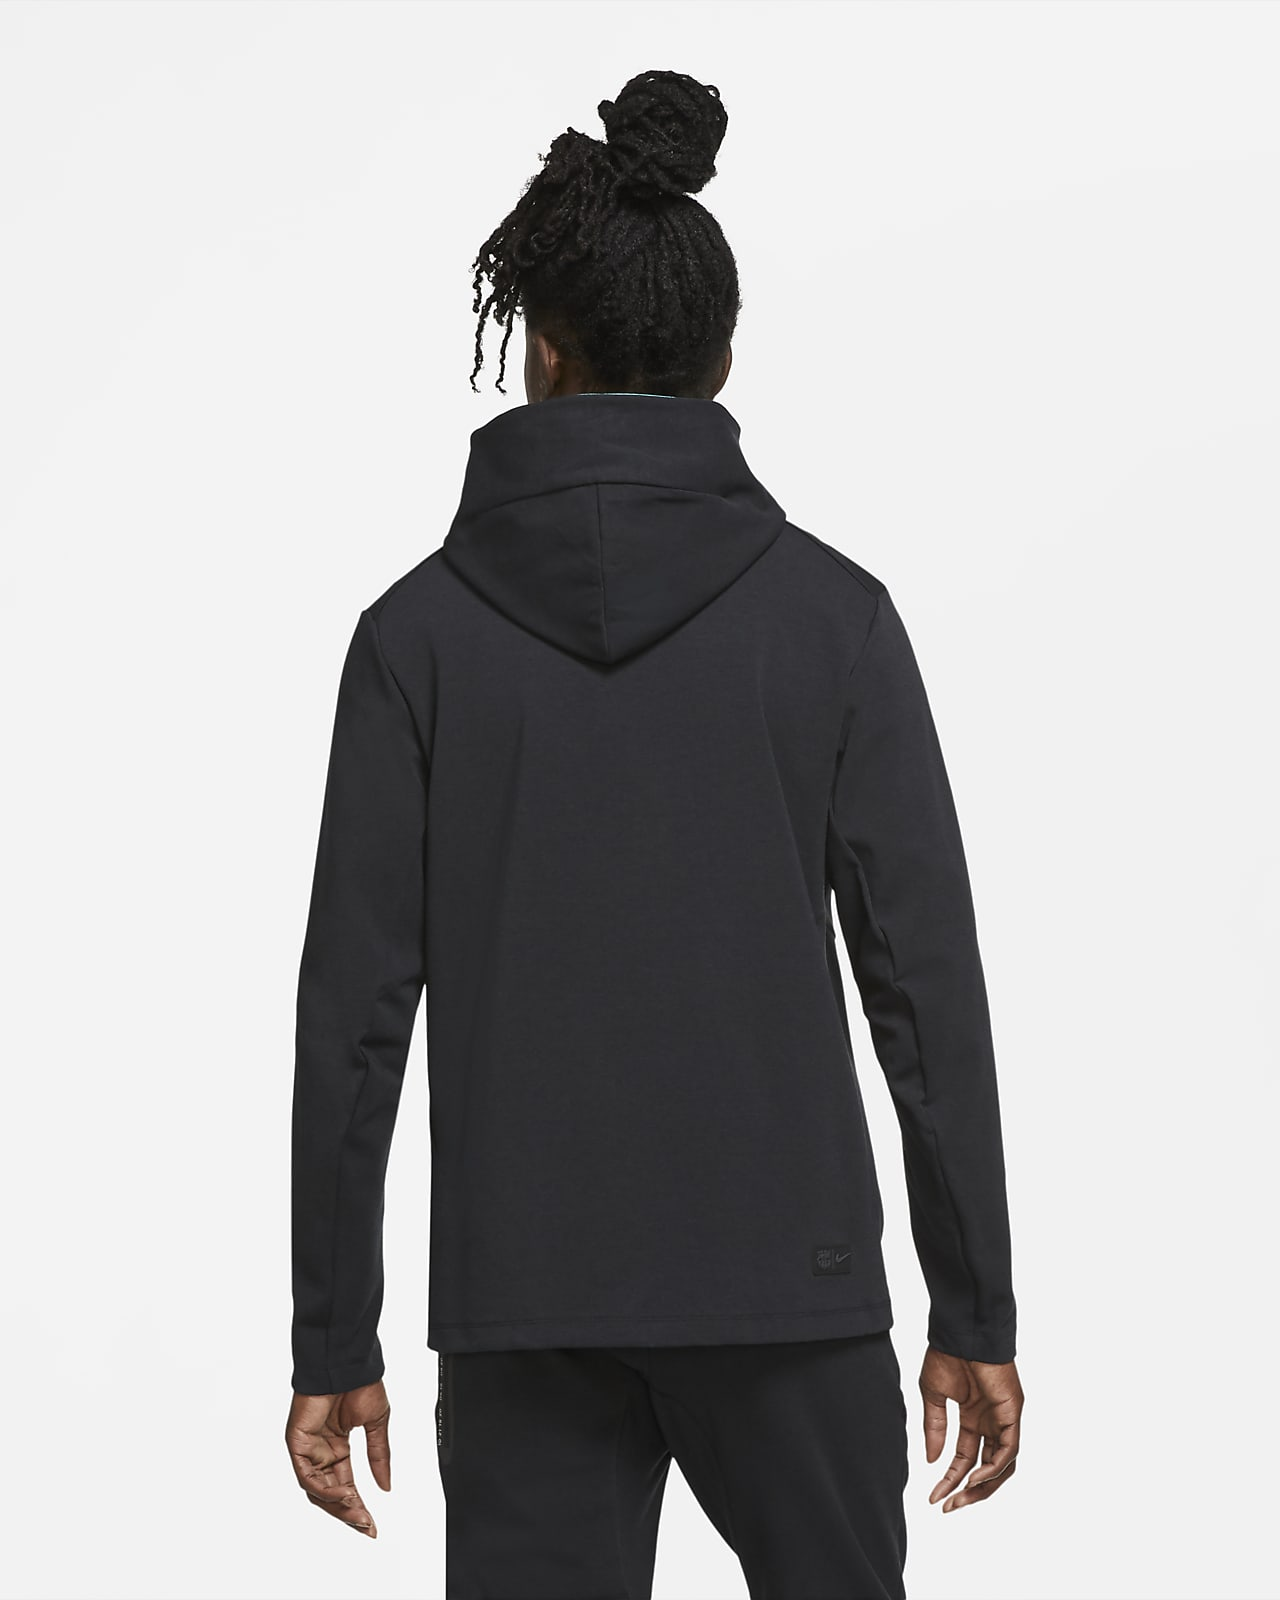 fc barcelona tech pack men s full zip hoodie nike com fc barcelona tech pack men s full zip hoodie